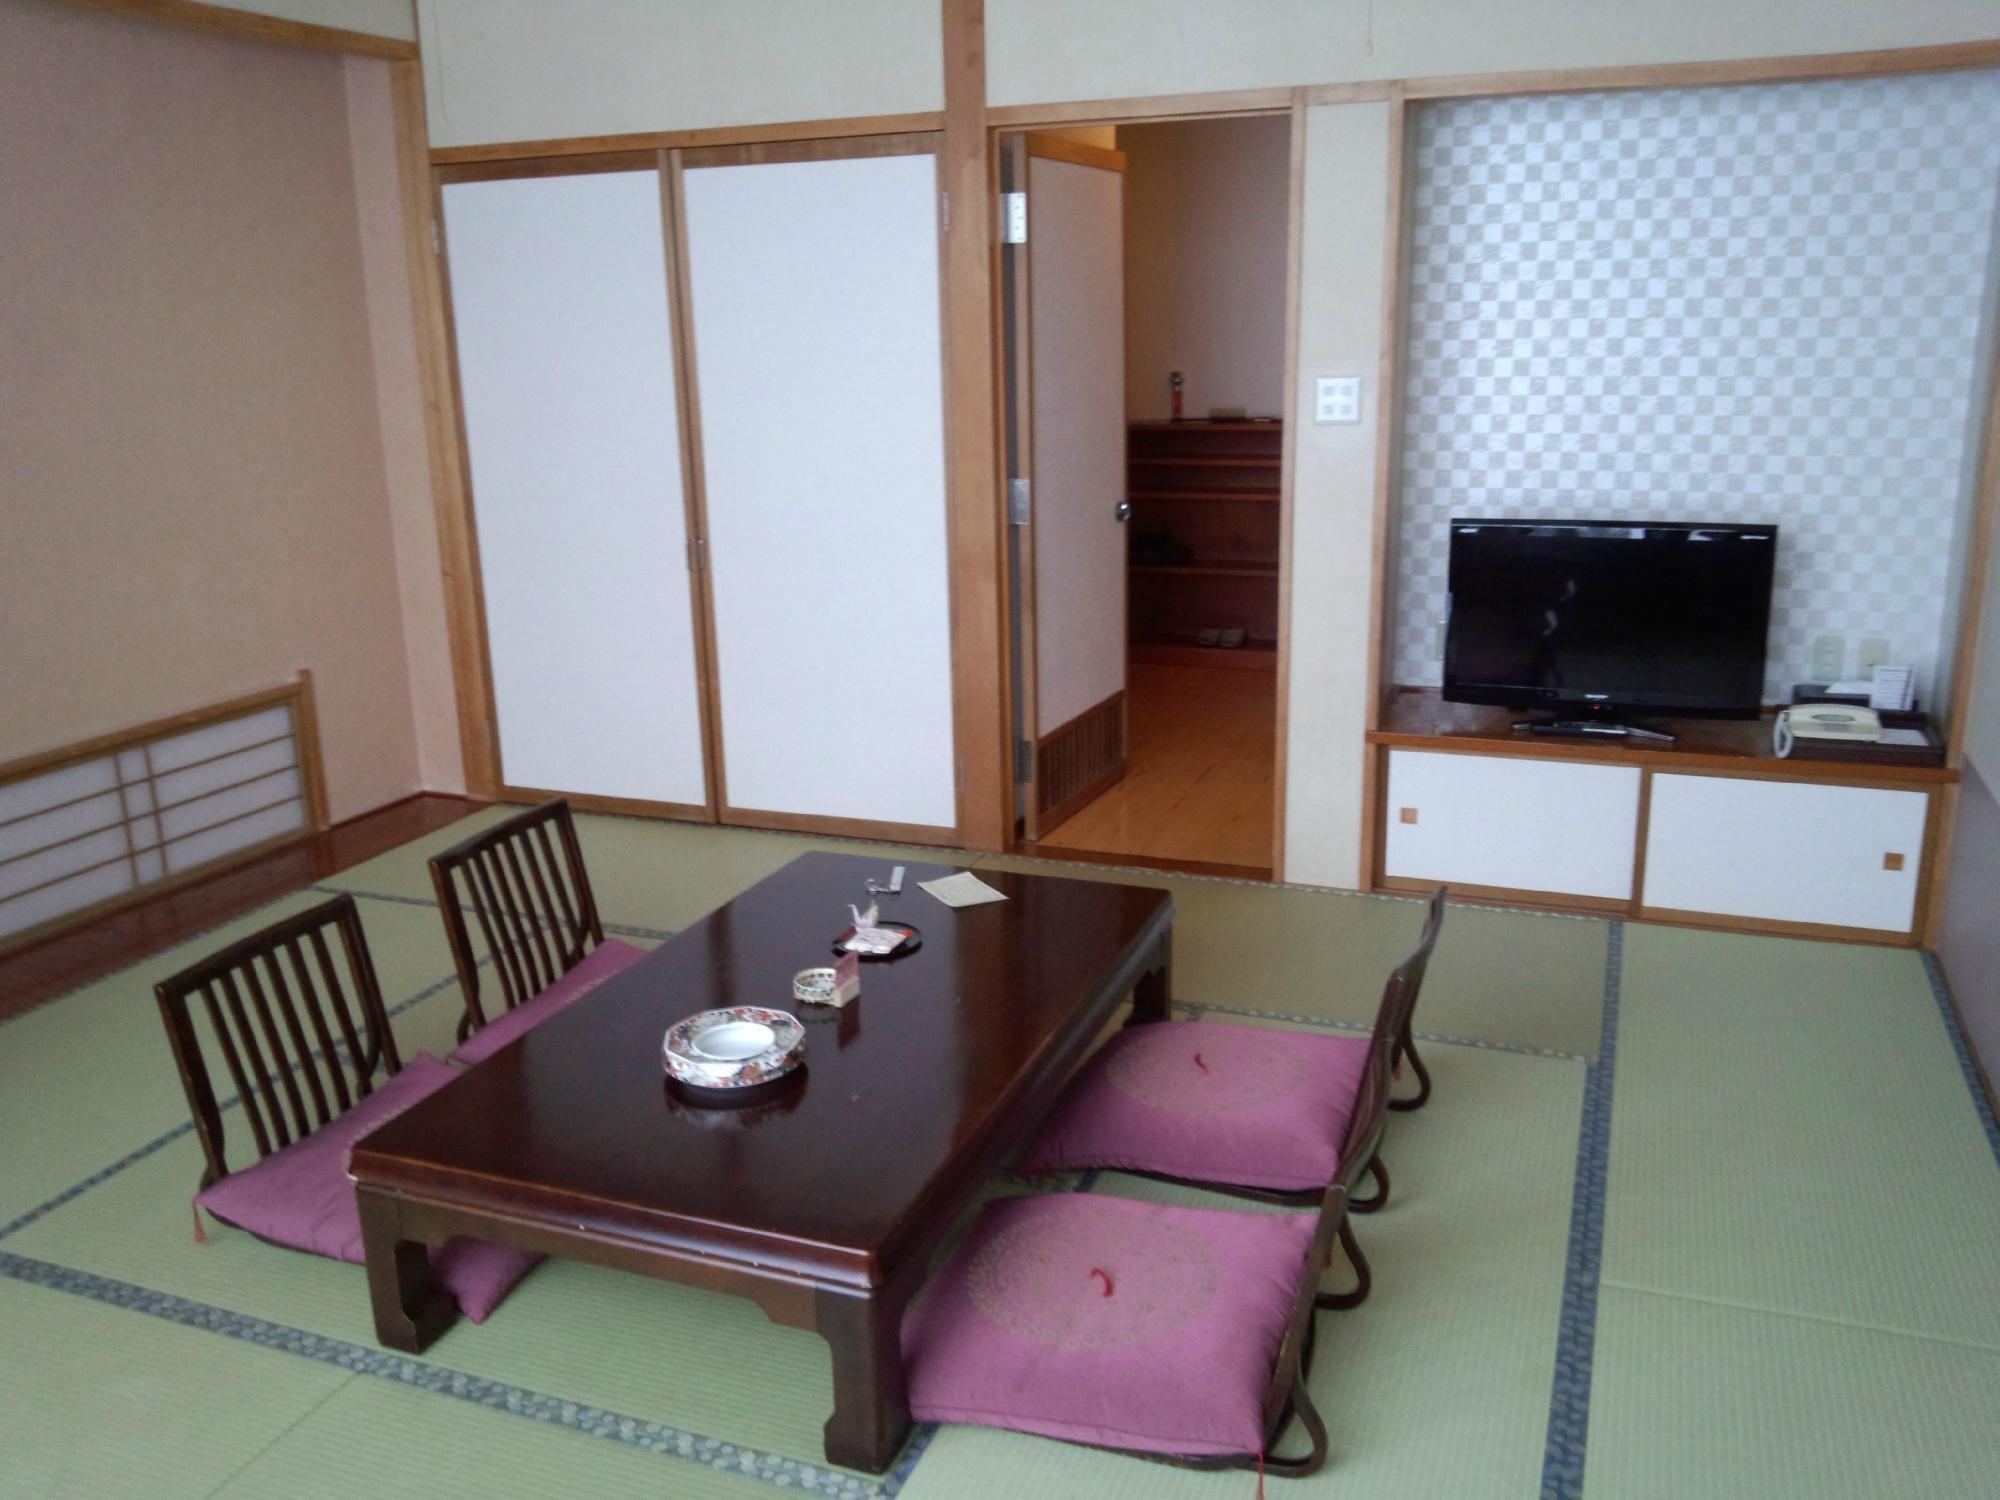 Tsurugaikeso